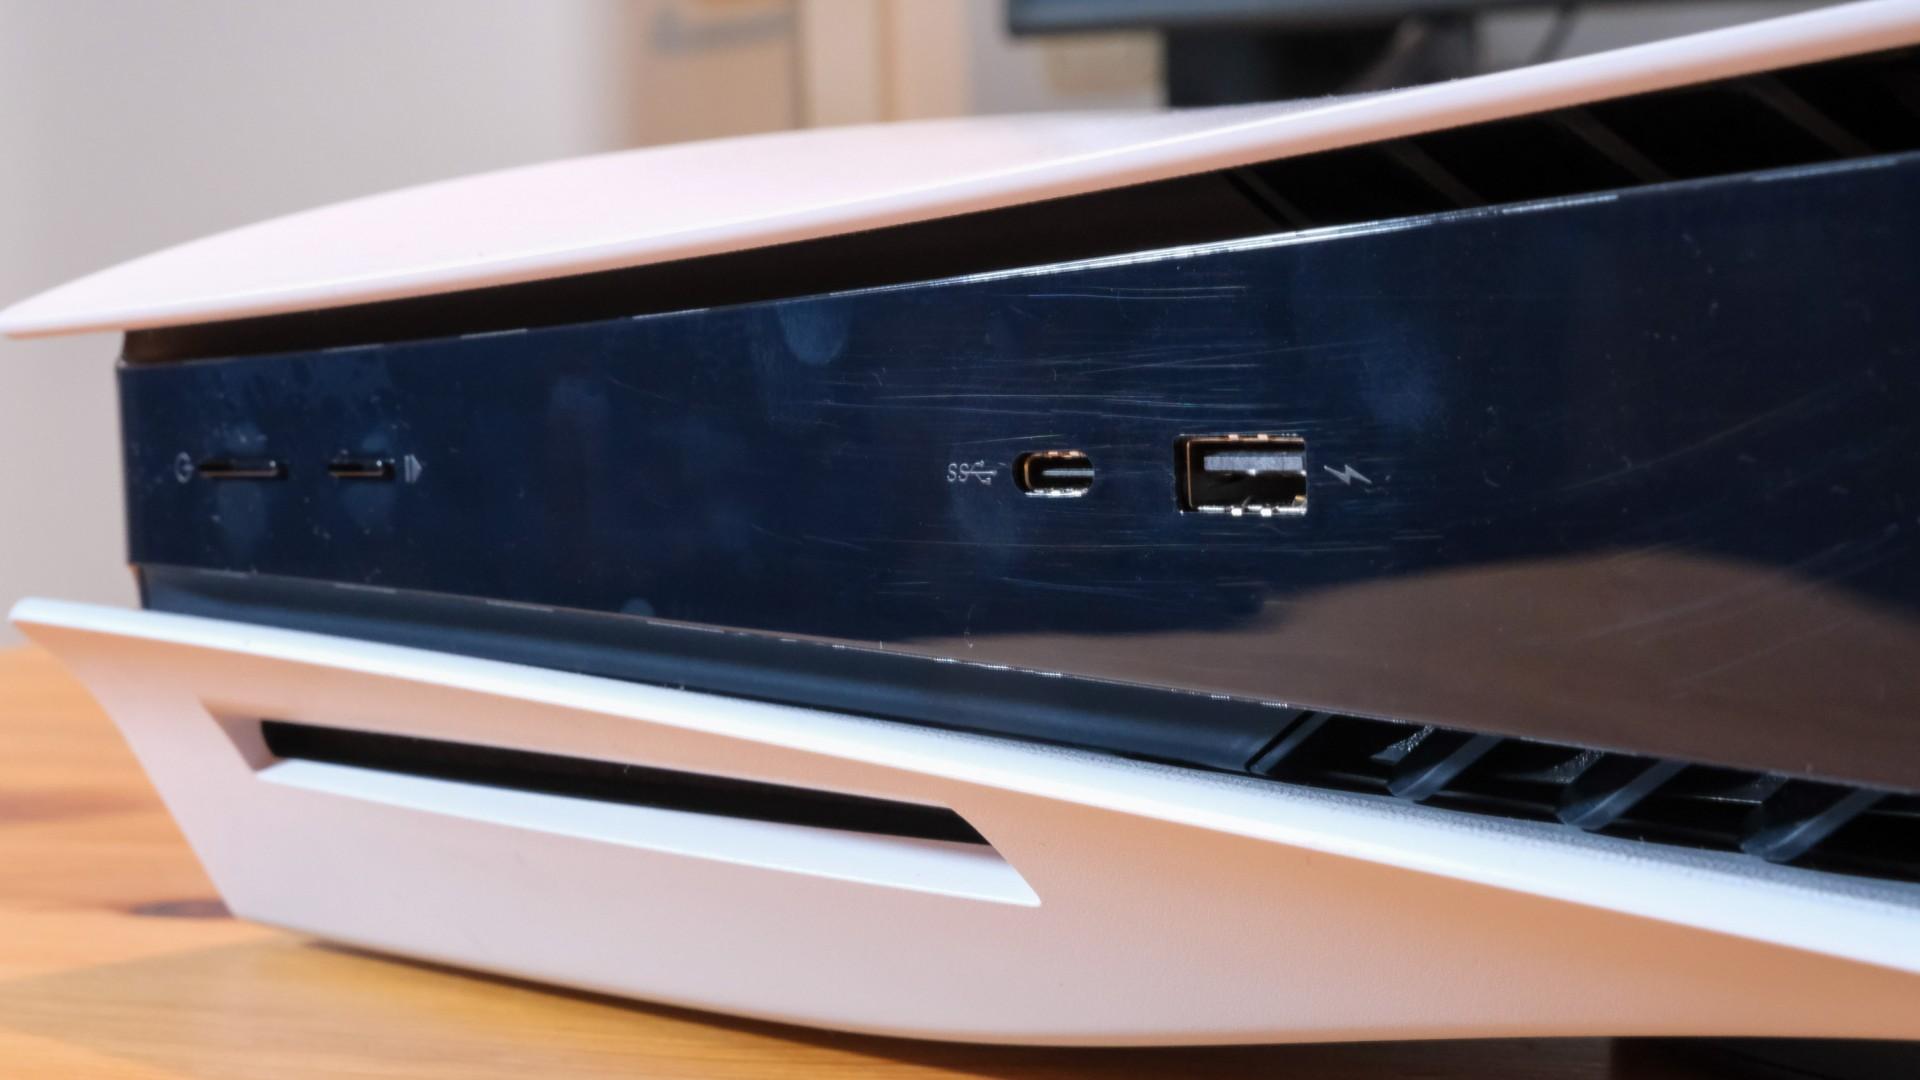 Next-Gen im Test: Playstation 5 liefert Bling-Bling und Begeisterung -